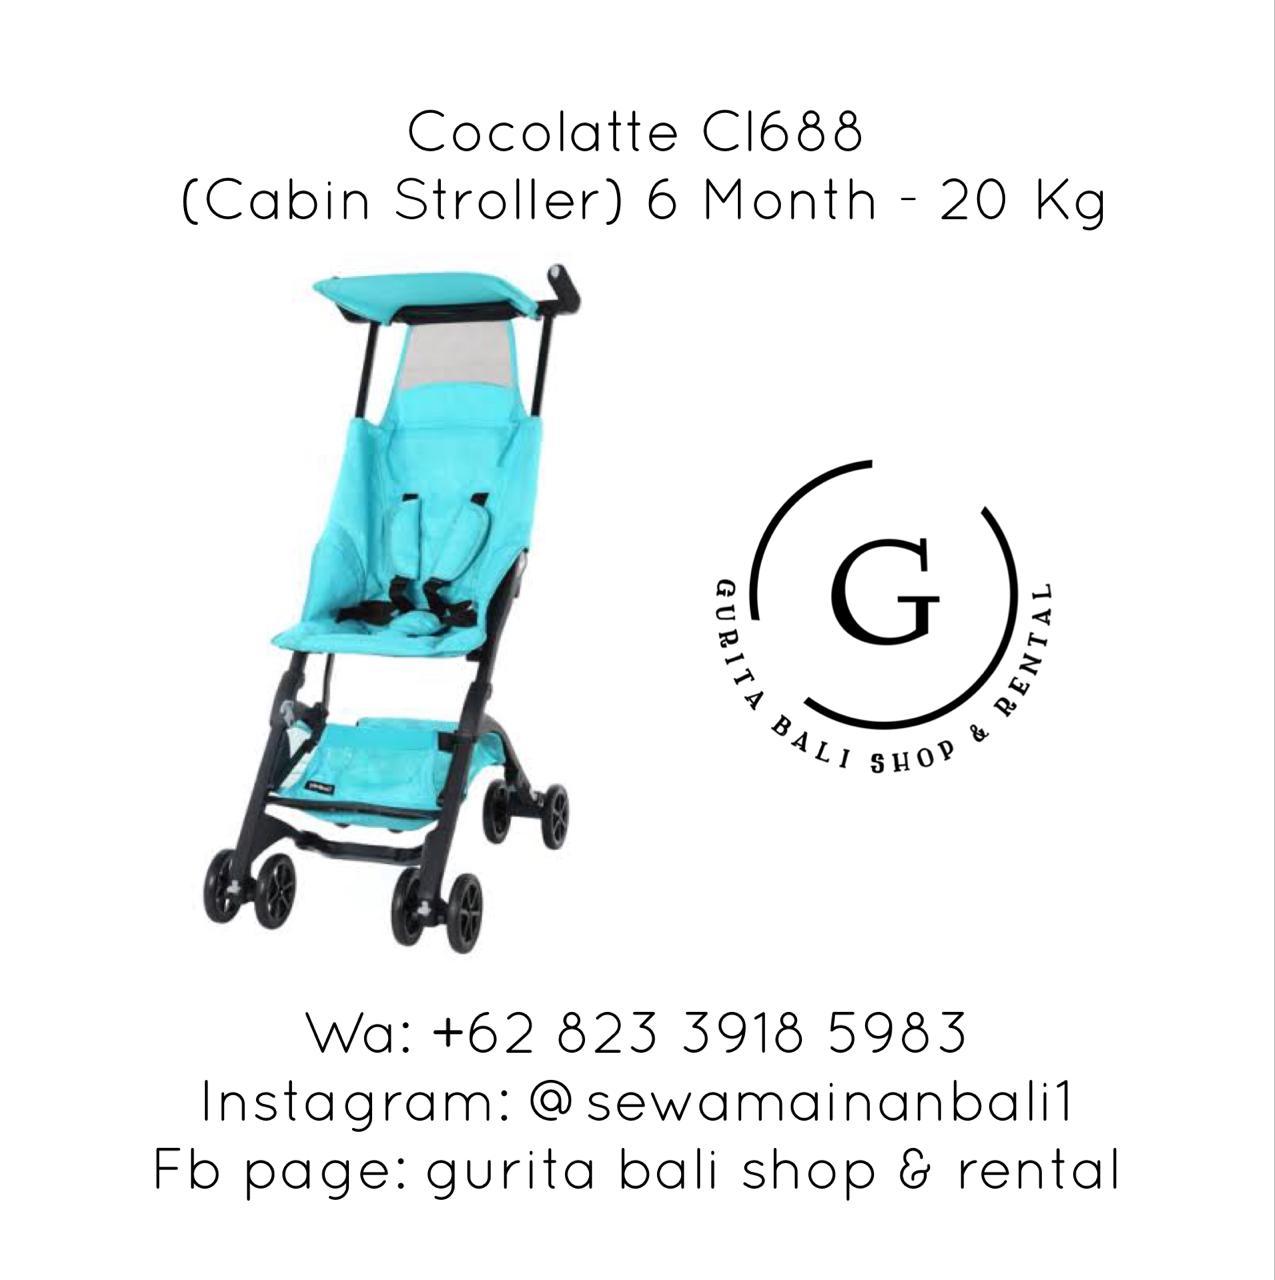 COCOLATTE CL688 (1)